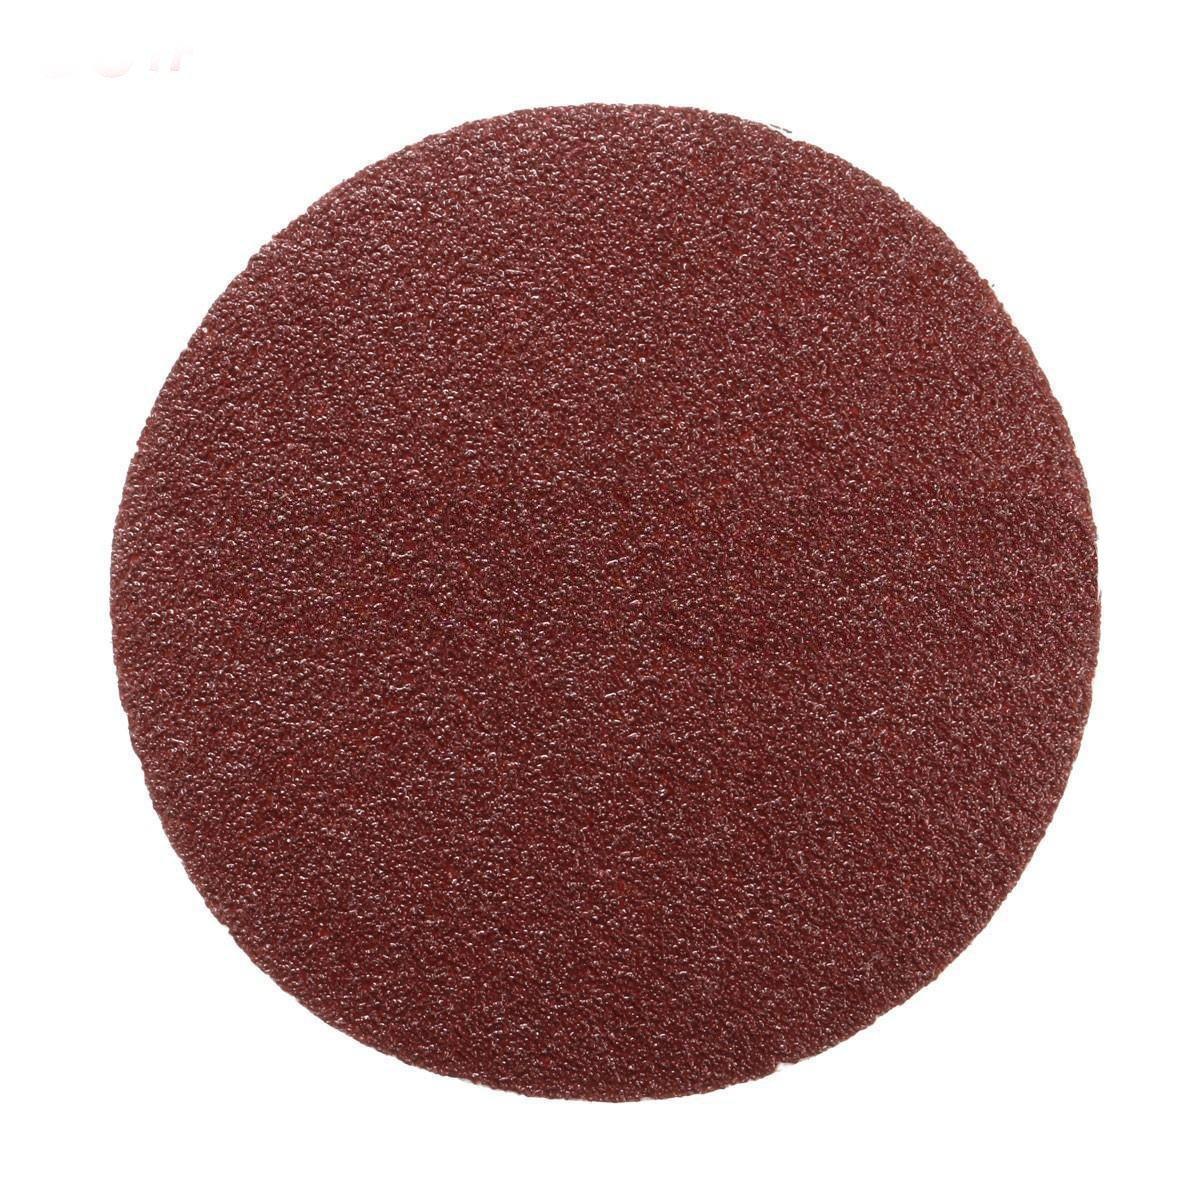 SODIAL 100Pcs Sanding Discs 75mm 3 inch Mixed Grit Sander Pads, 80# 100Pcs